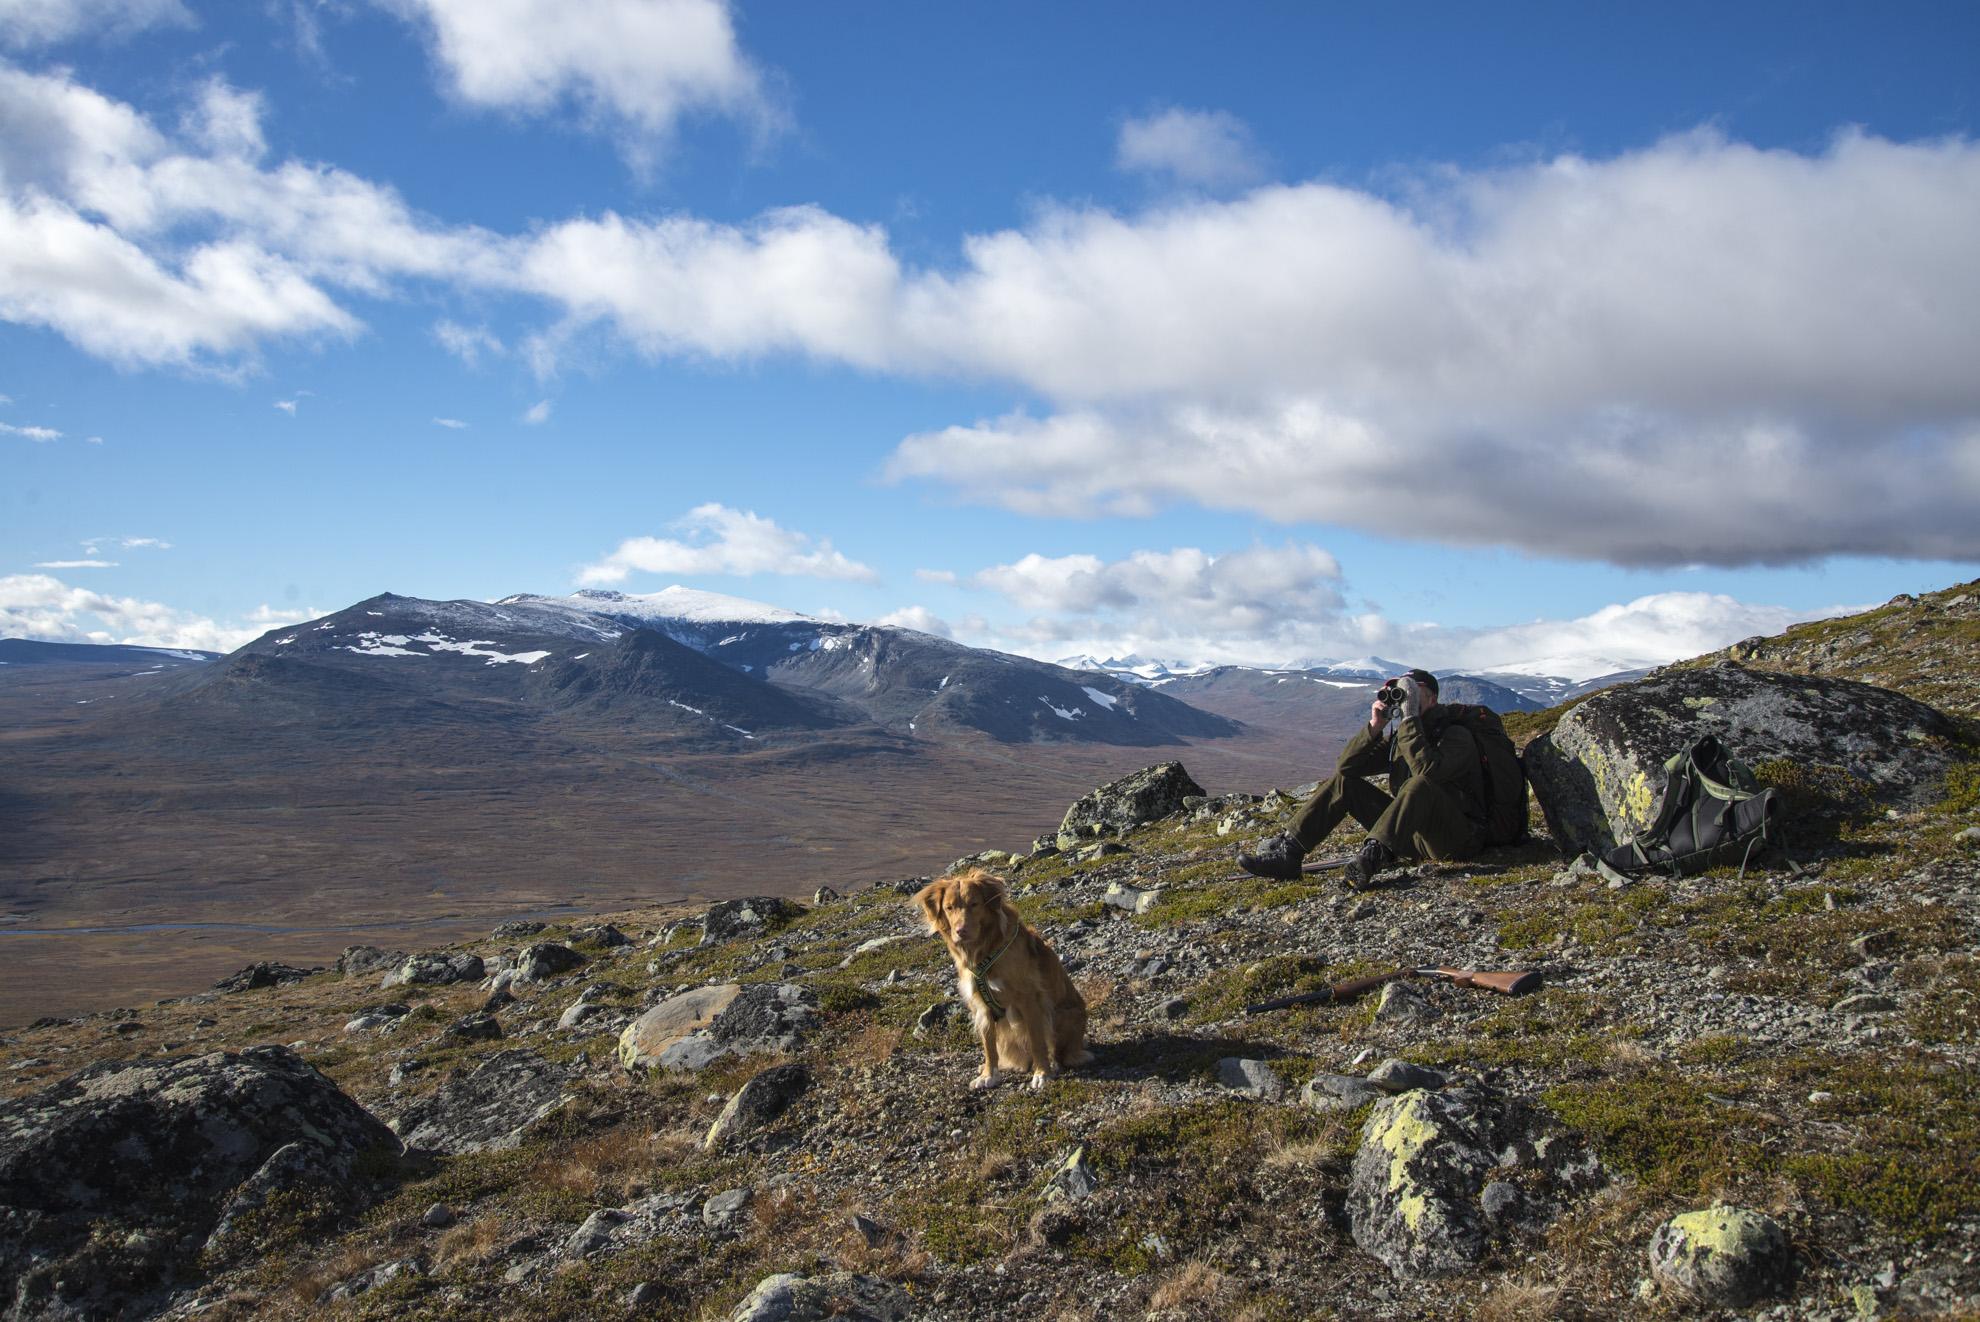 Jotunheimen har lange tradisjoner for fangst og fiske. I dag er det fortsatt mange innen- og utenbygdsboende som utøver jakt og fiske i fjellområdet.